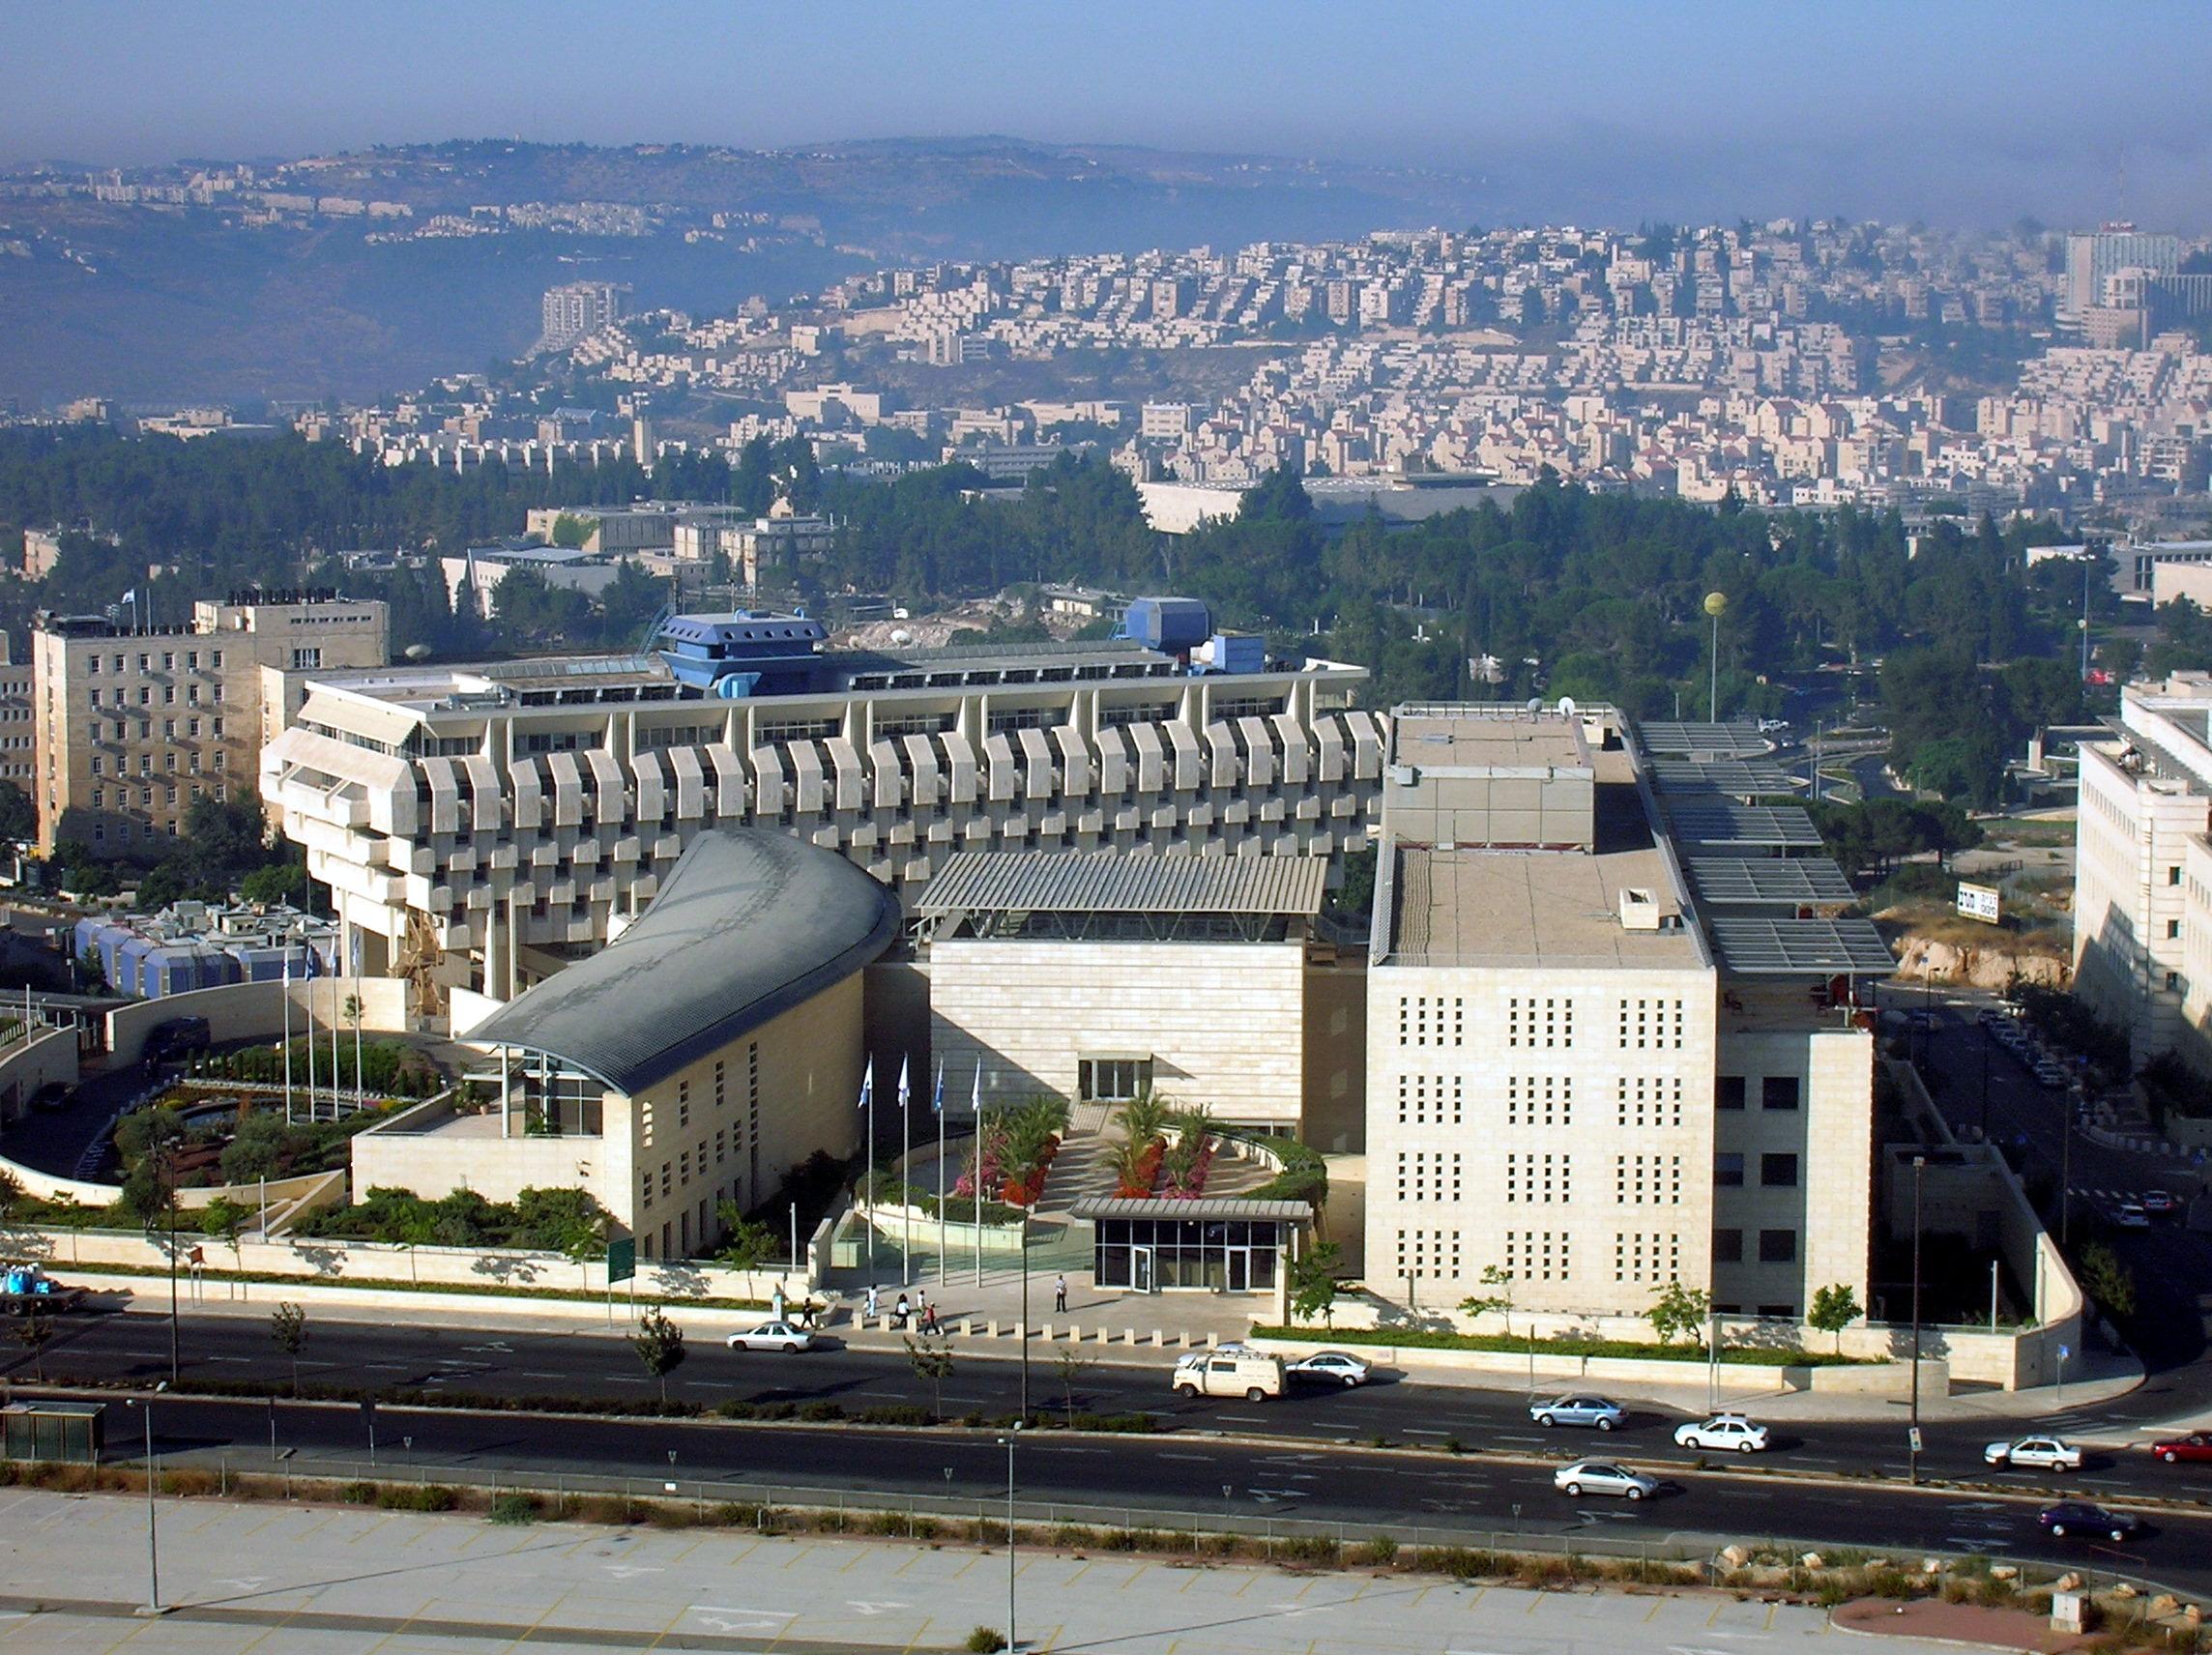 Πλήρη στήριξη και αλληλεγγύη από το Ισραήλ στην Ελλάδα για τις θαλάσσιες ζώνες